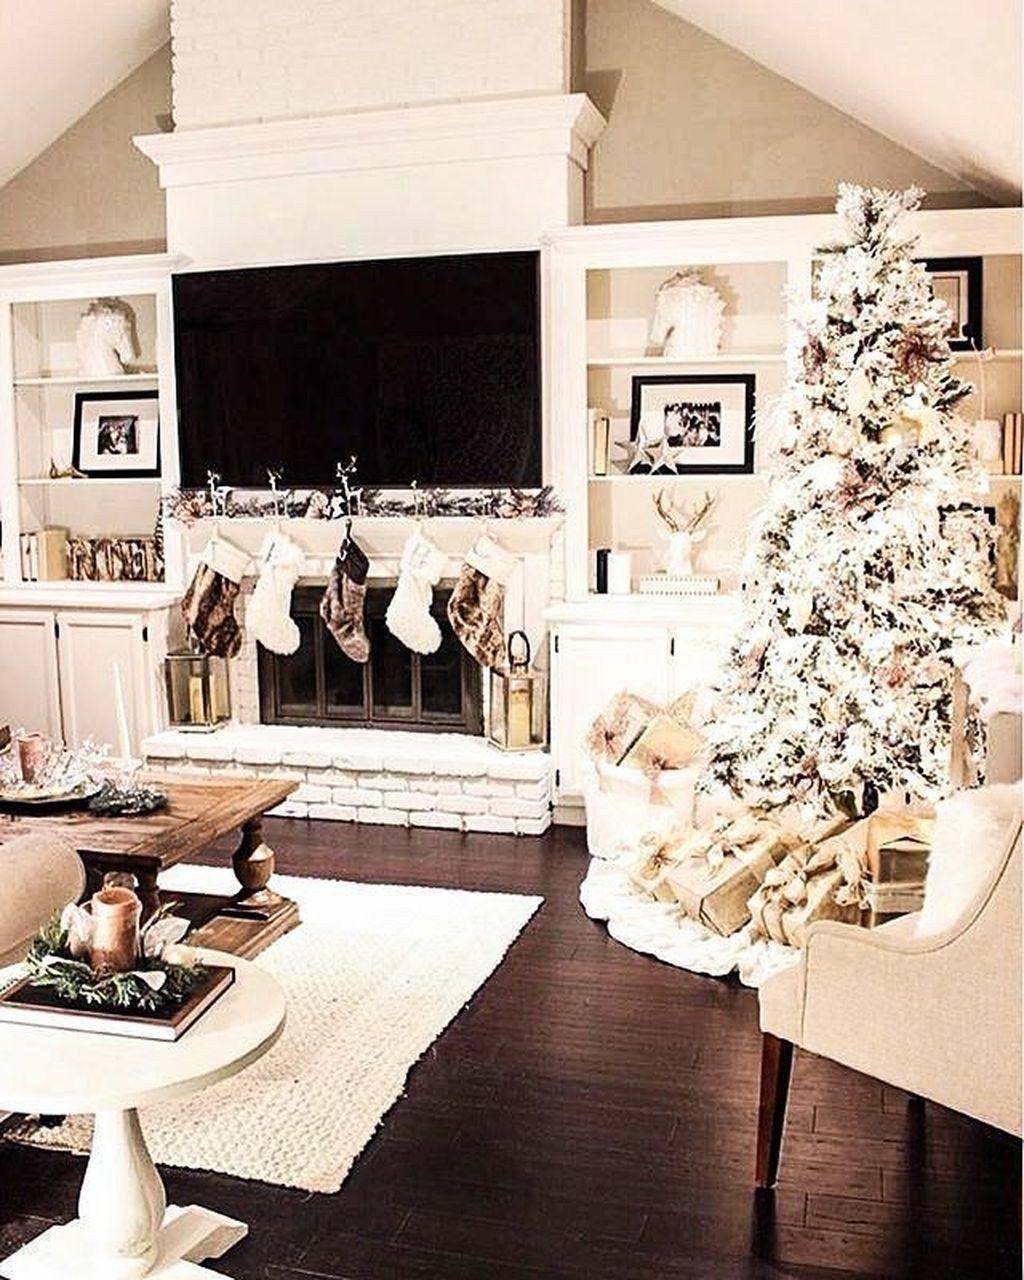 40 Winter Home Decorating Ideas 2019 Home Design Chris